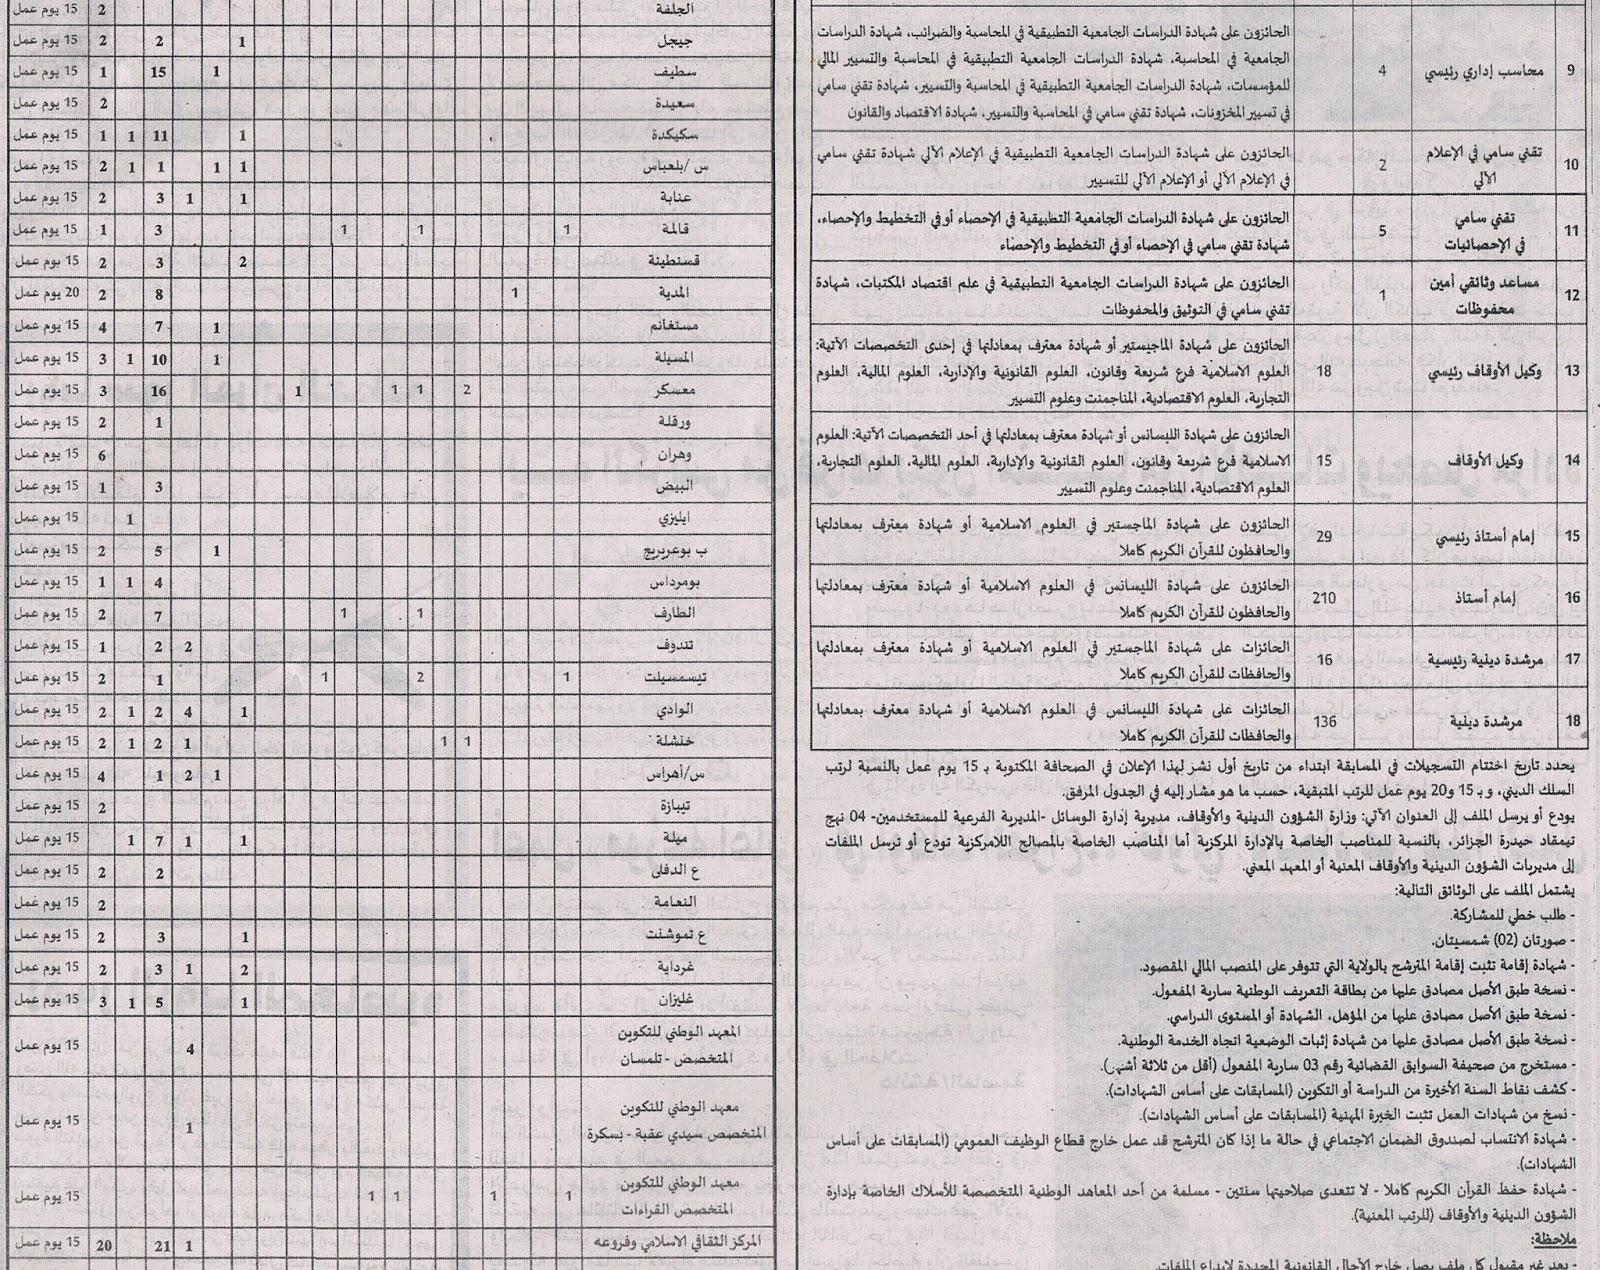 إعلان توظيف 459 منصب في وزارة الشؤون الدينية والأوقاف نوفمبر 2013 Dinia2